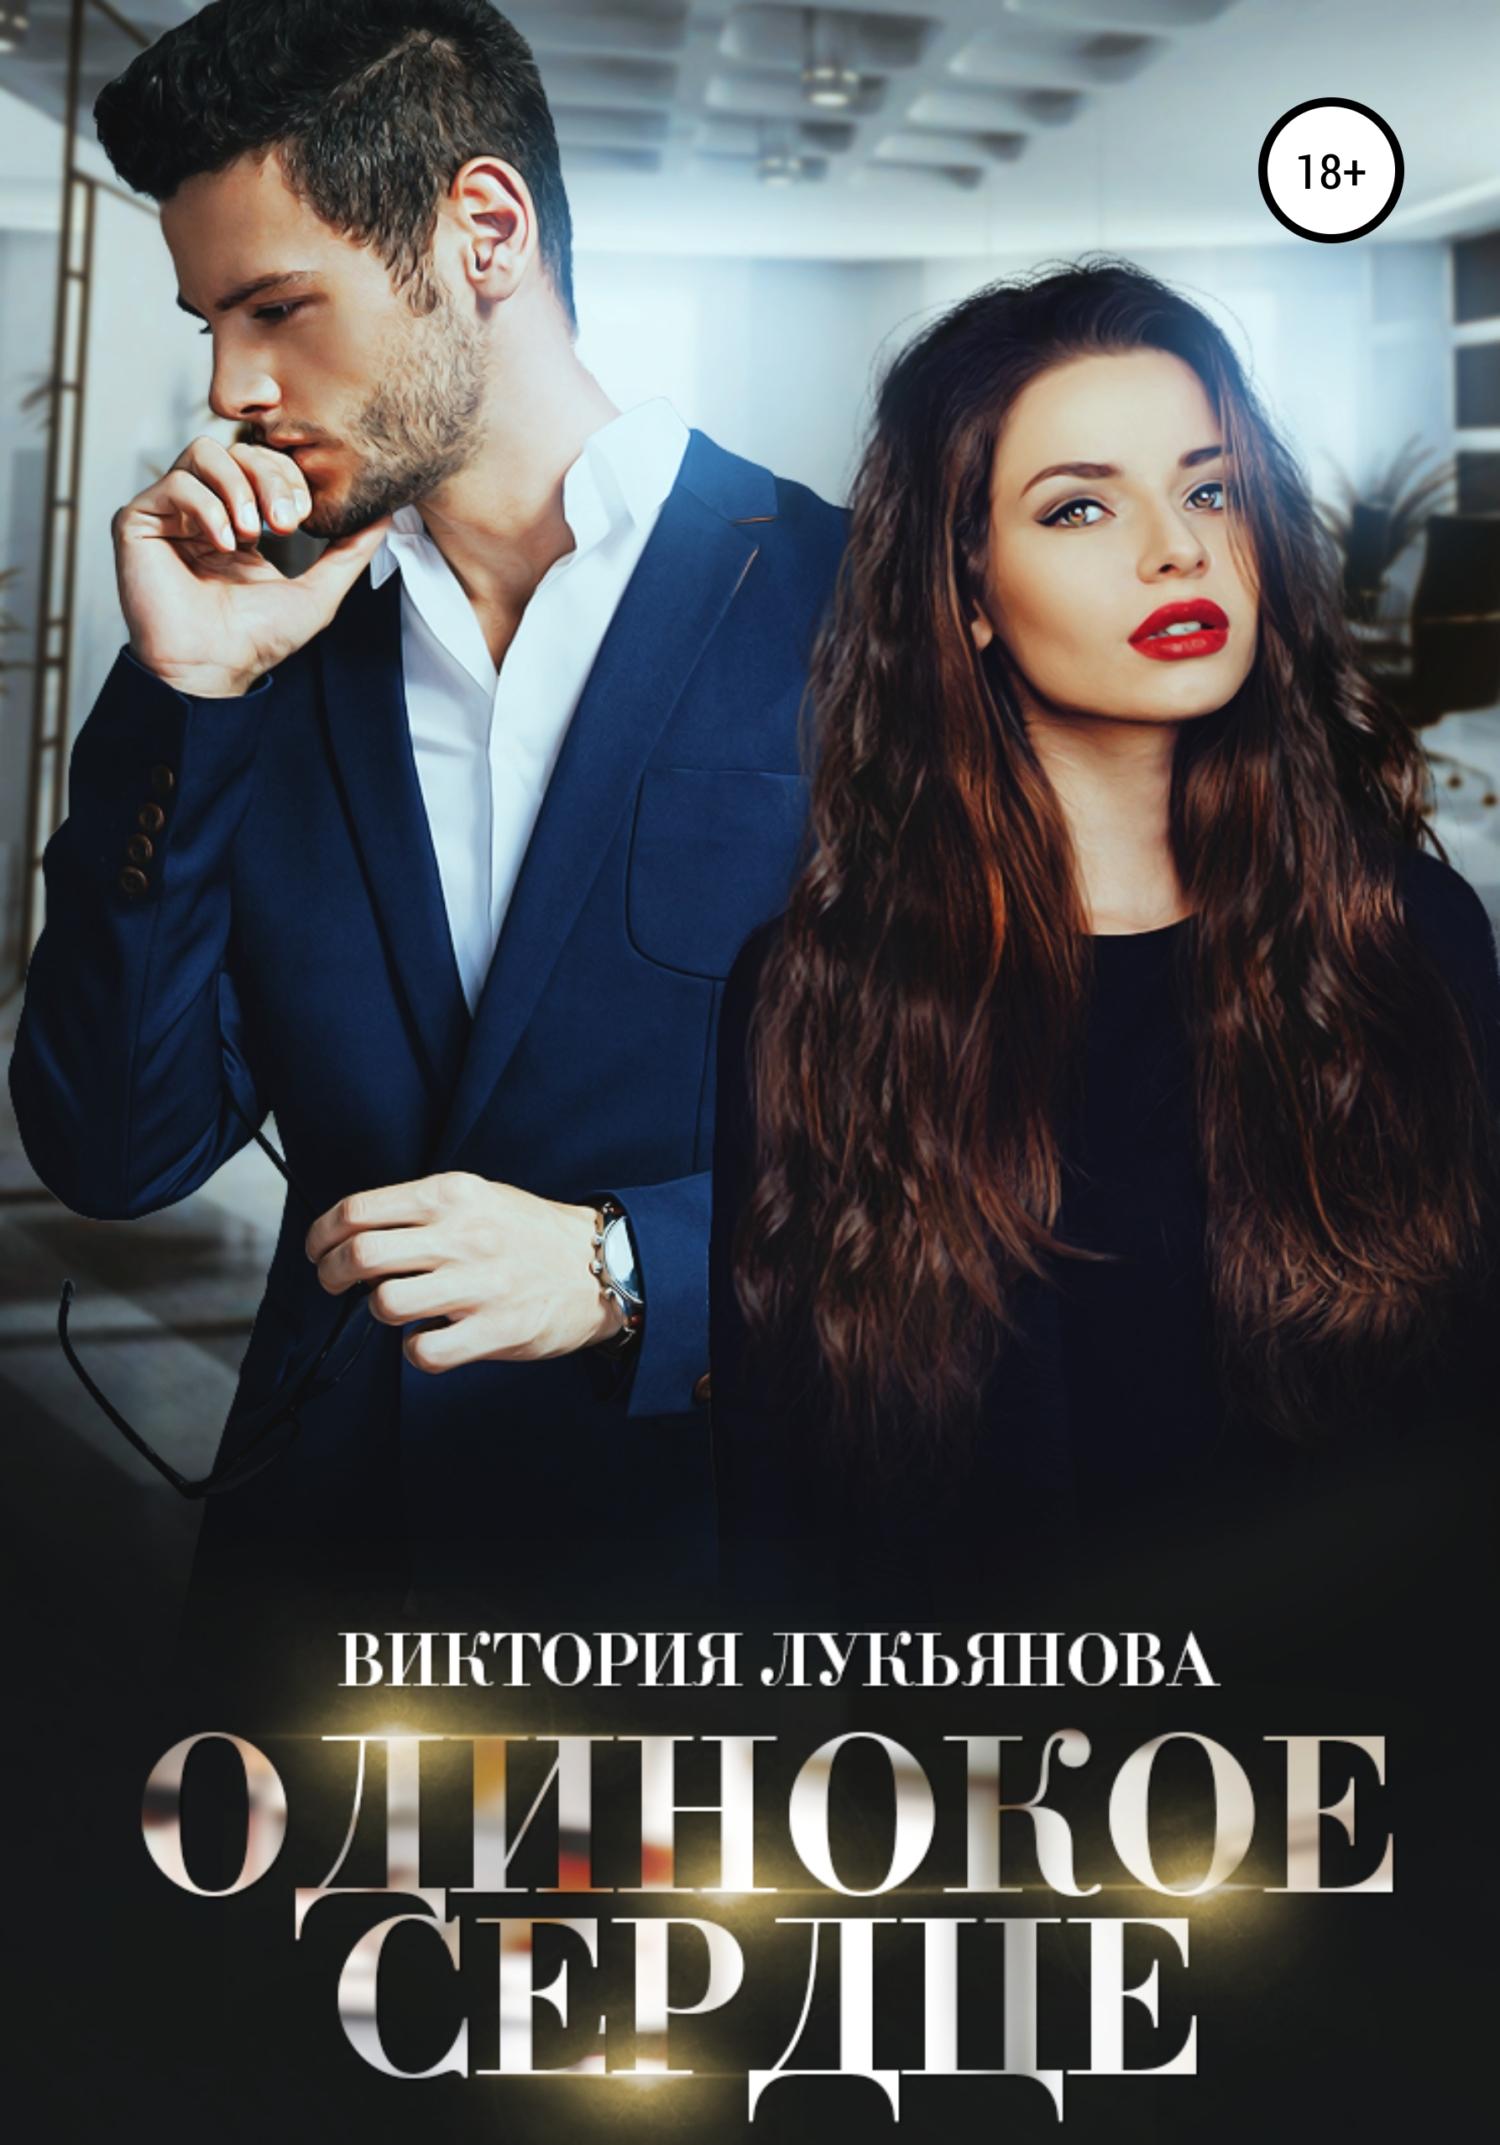 Купить книгу Одинокое сердце, автора Виктории Лукьяновой